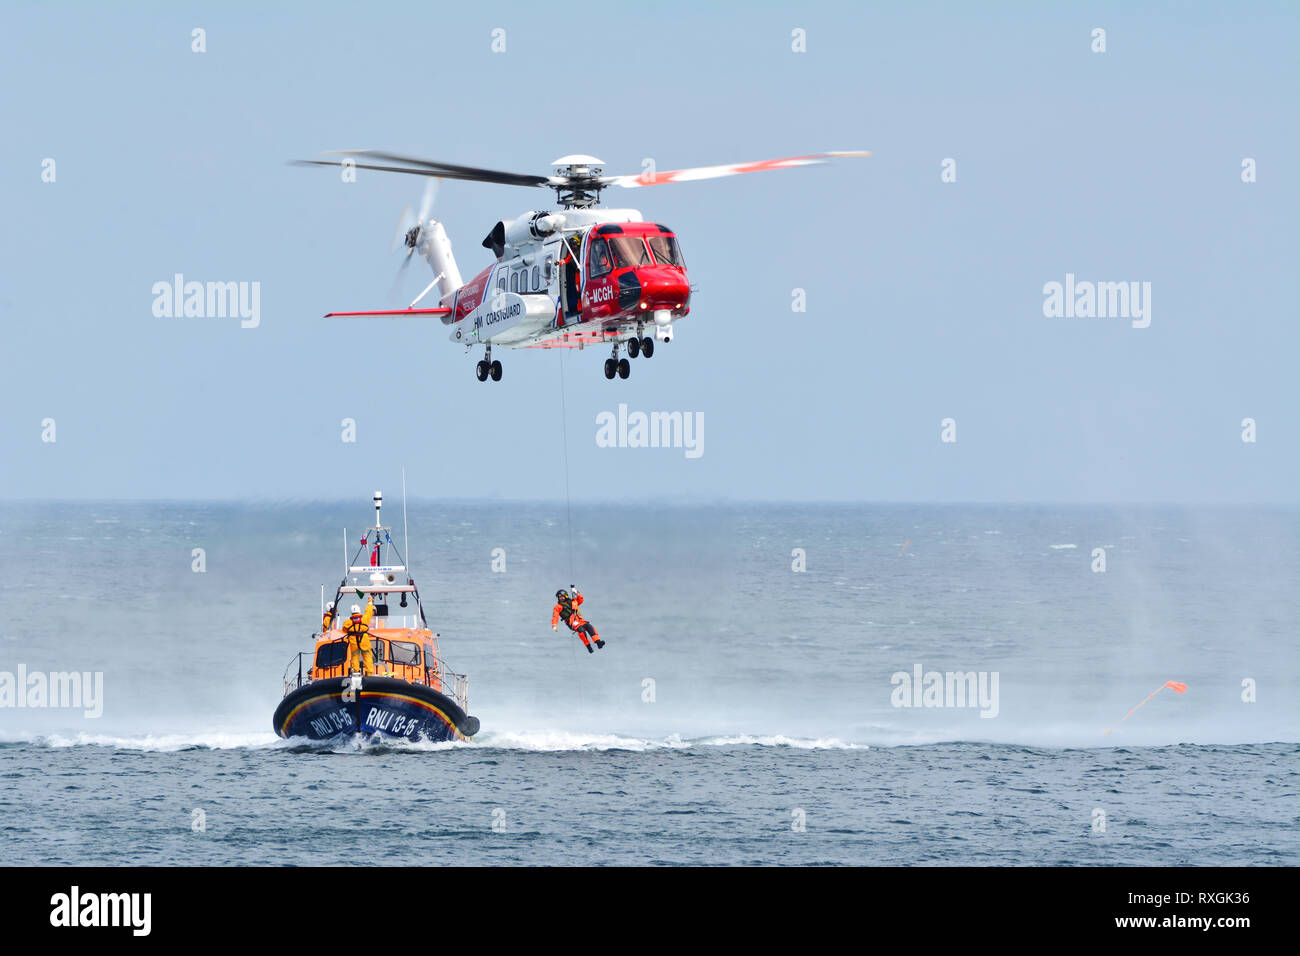 Helicóptero de la Guardia Costera. La operación de rescate en el mar Foto de stock